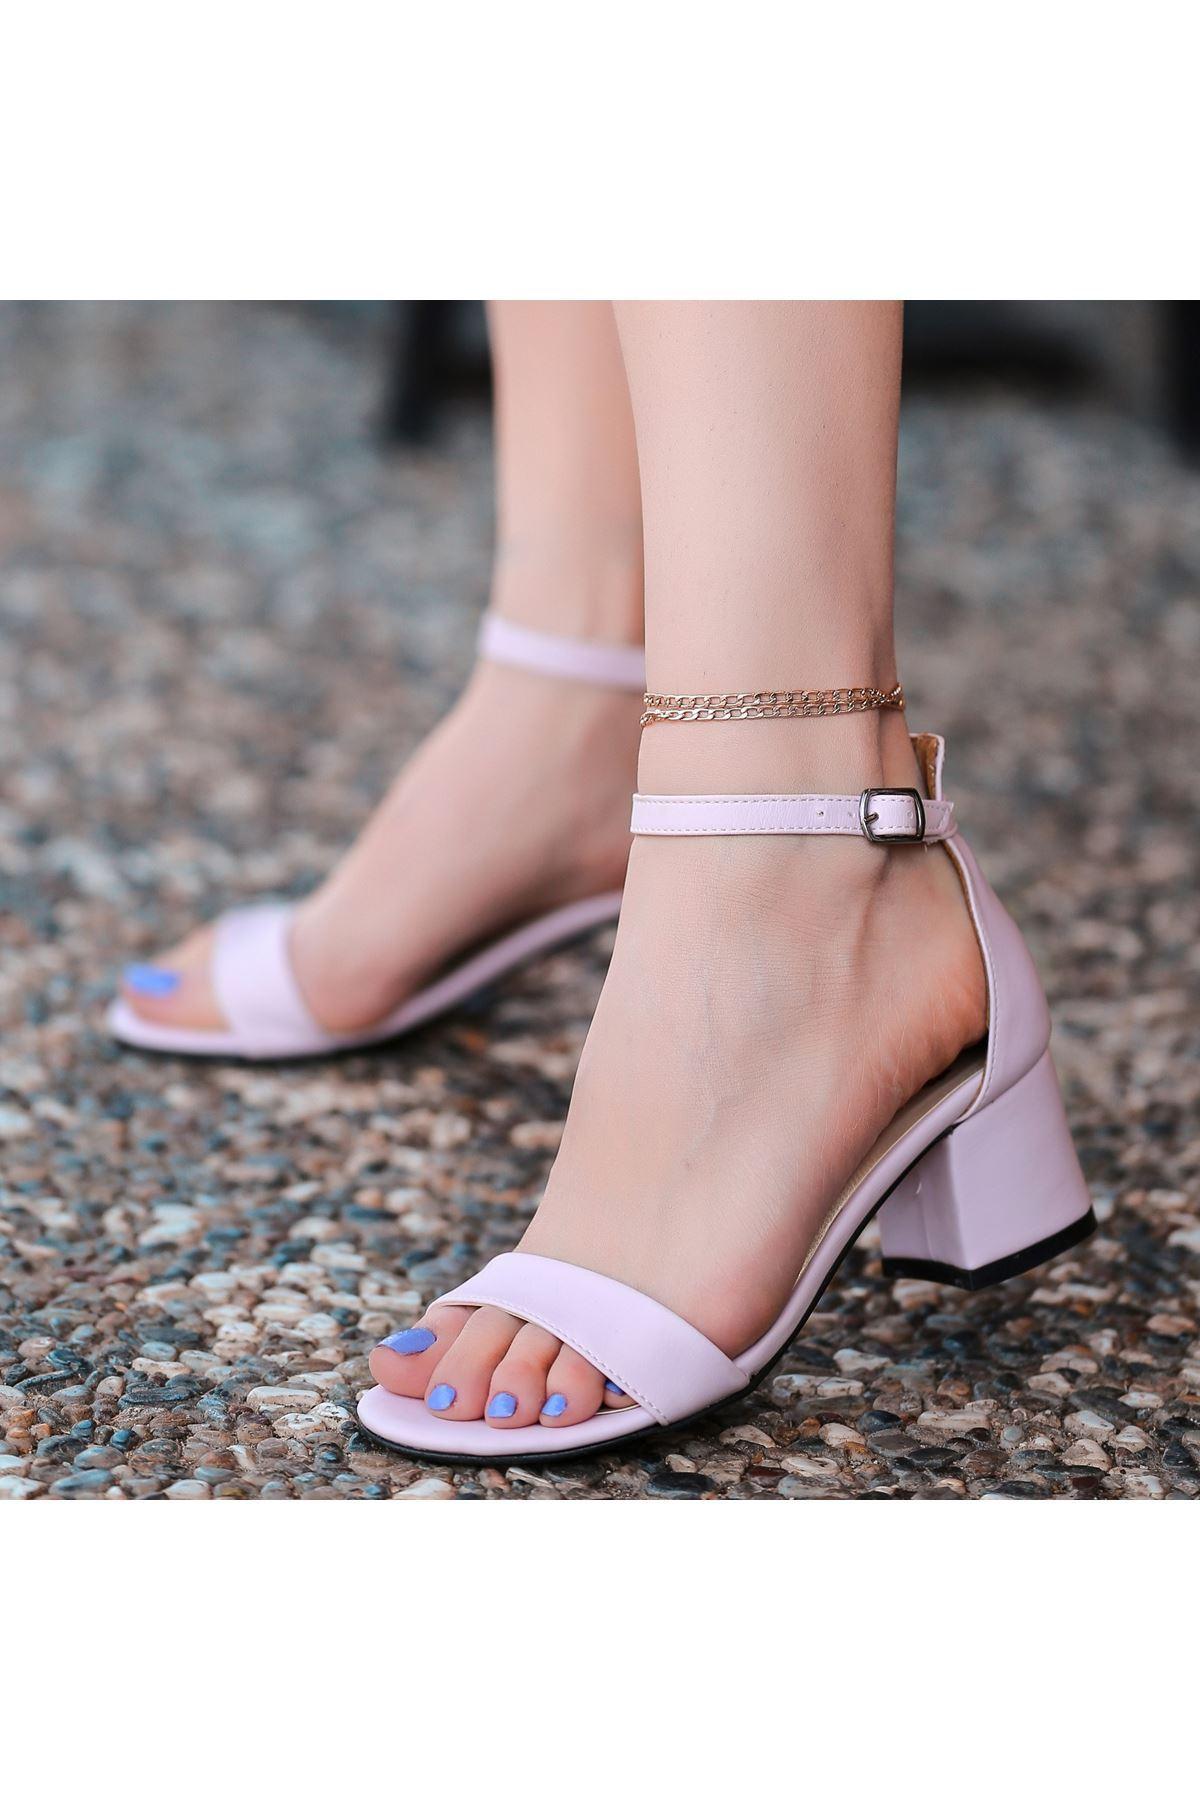 Epon Pembe Cilt Tek Bant Topuklu Ayakkabı